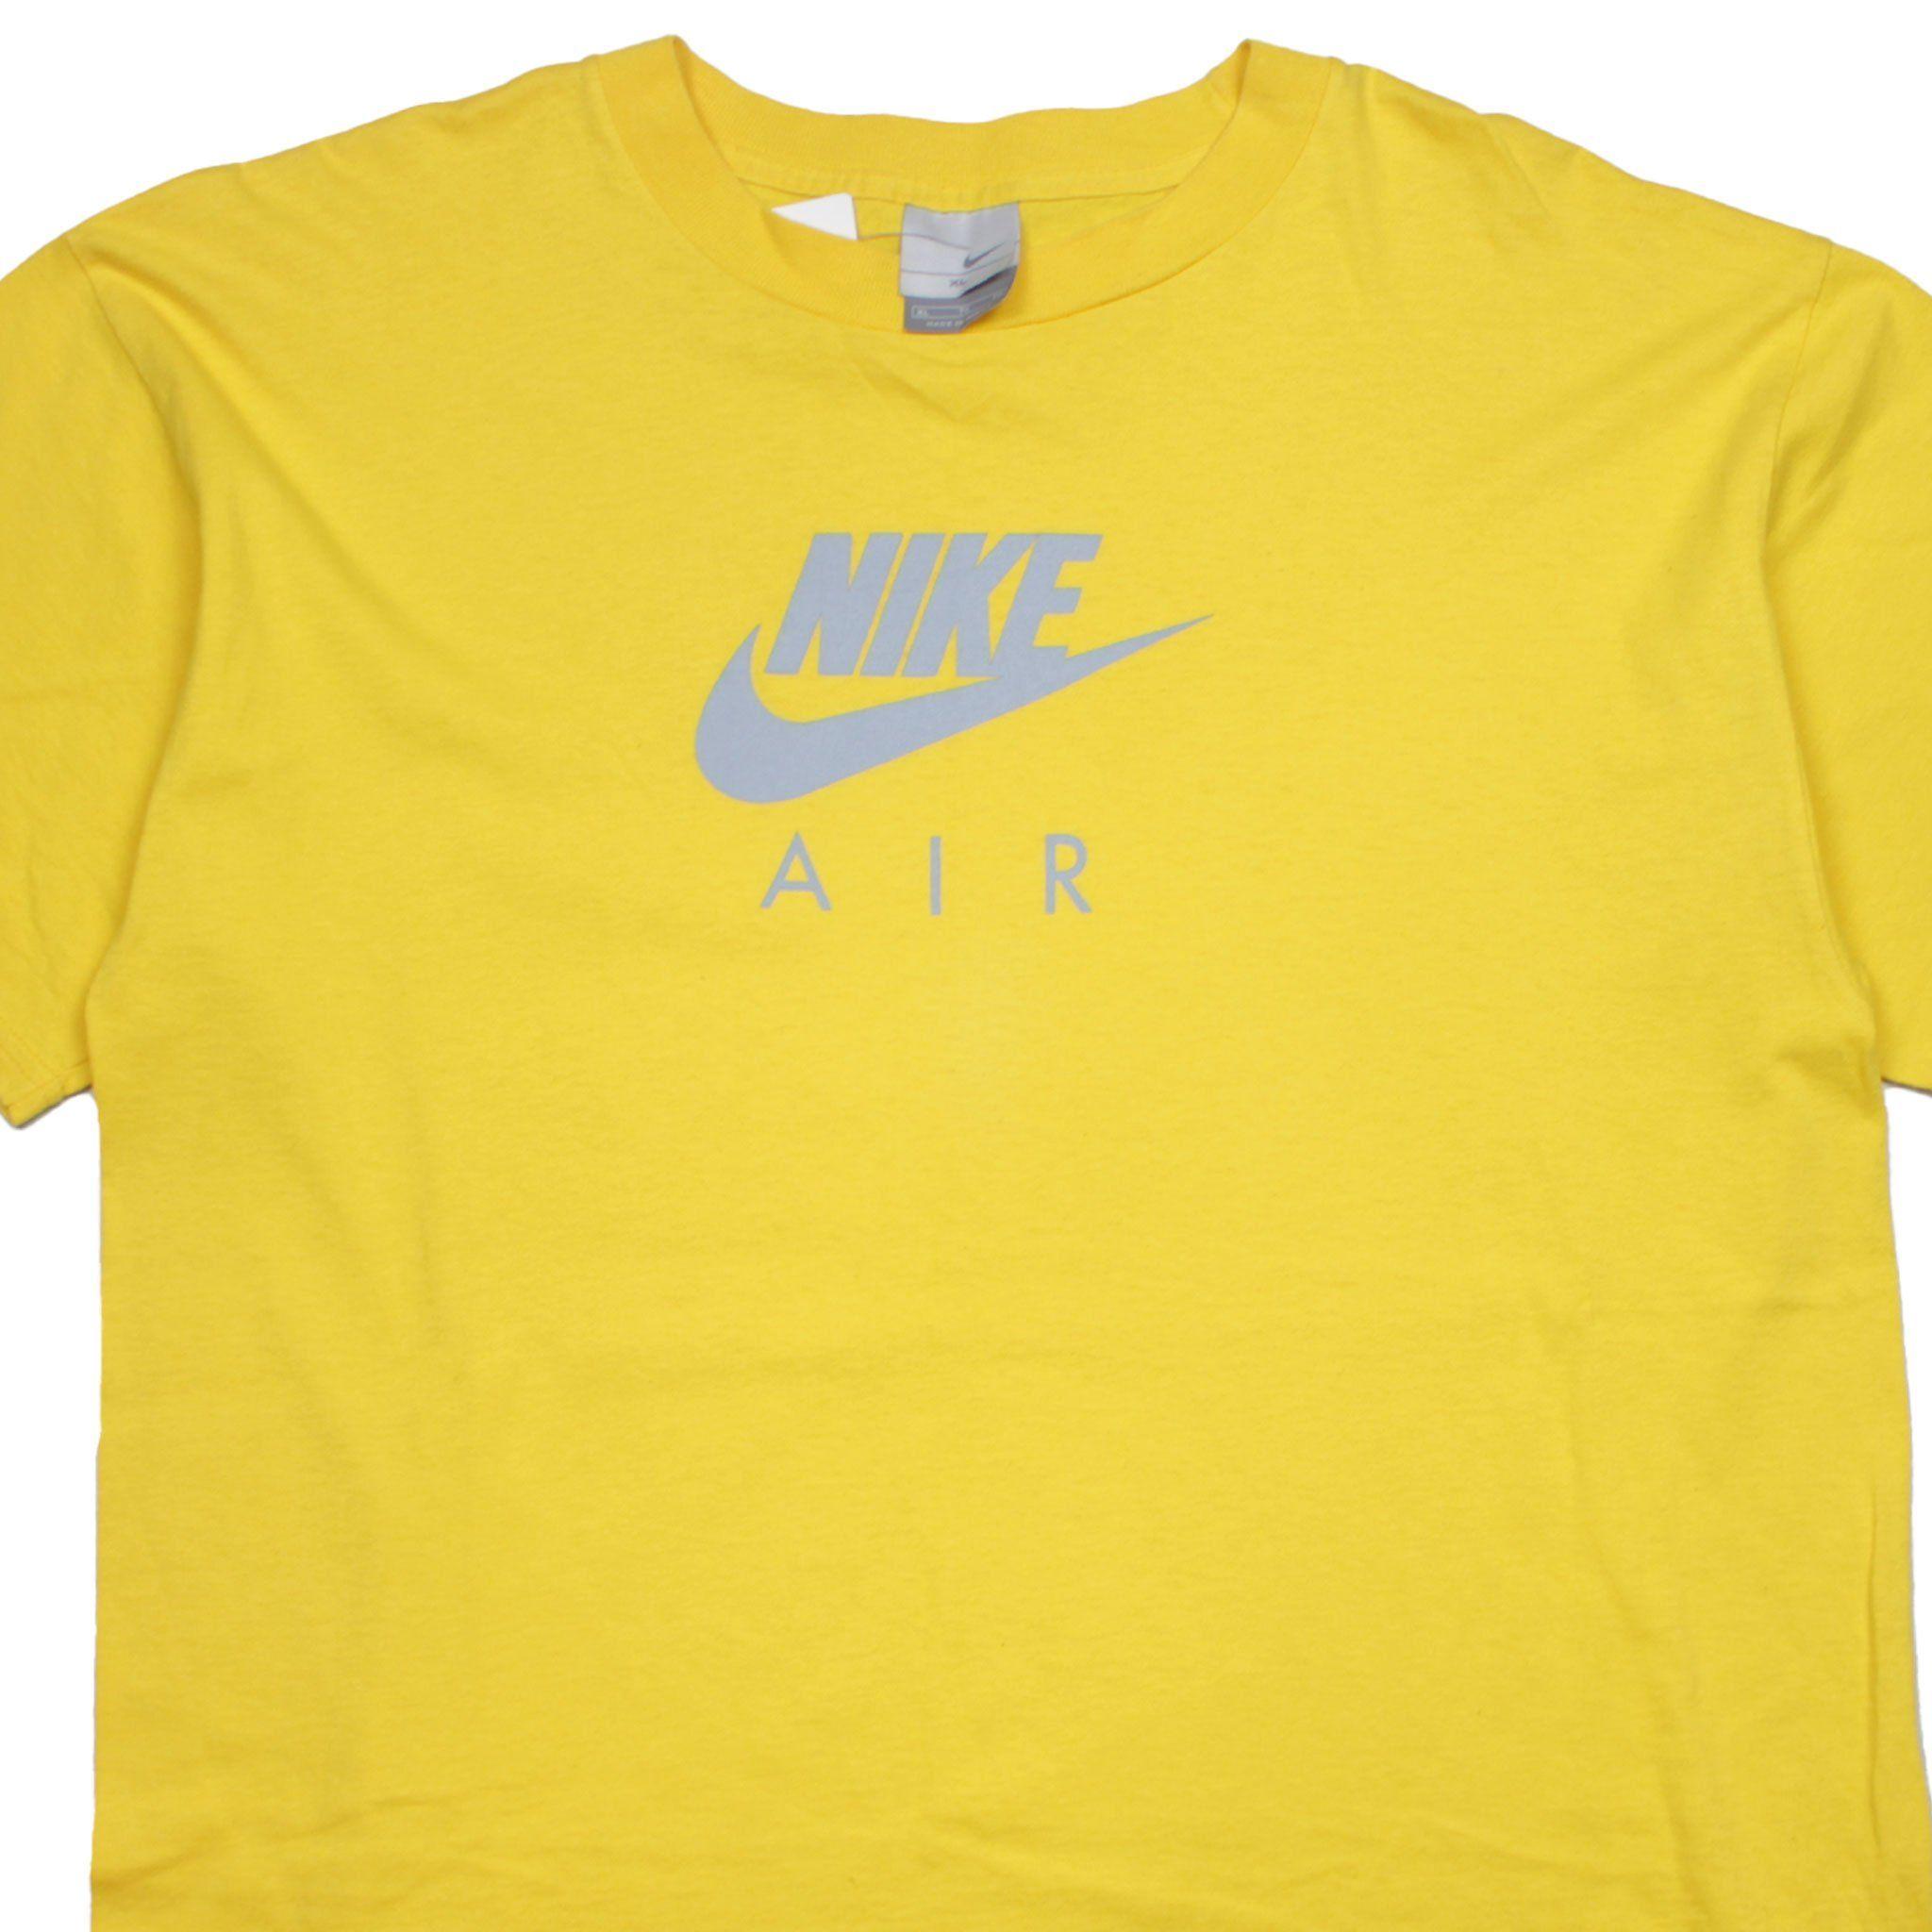 00's Nike Tee